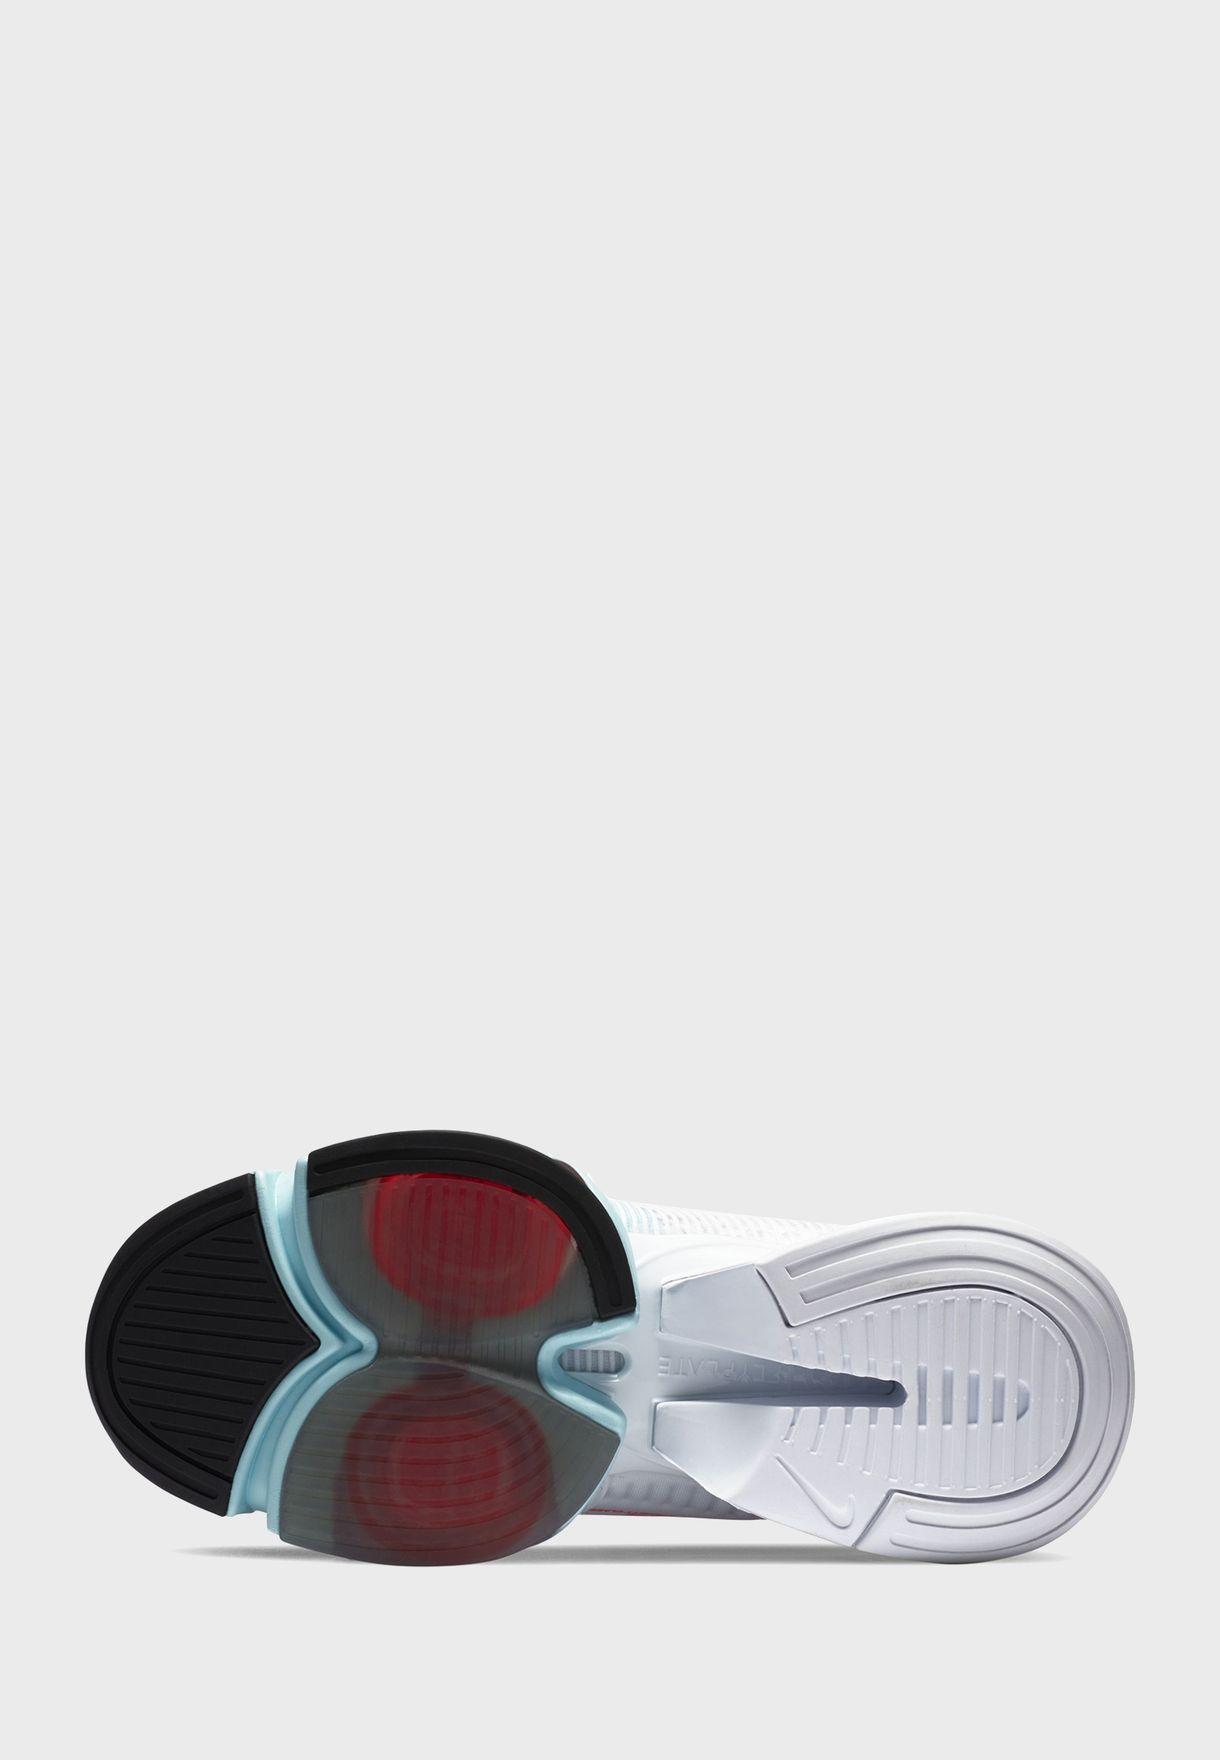 حذاء اير زووم سوبر ريب